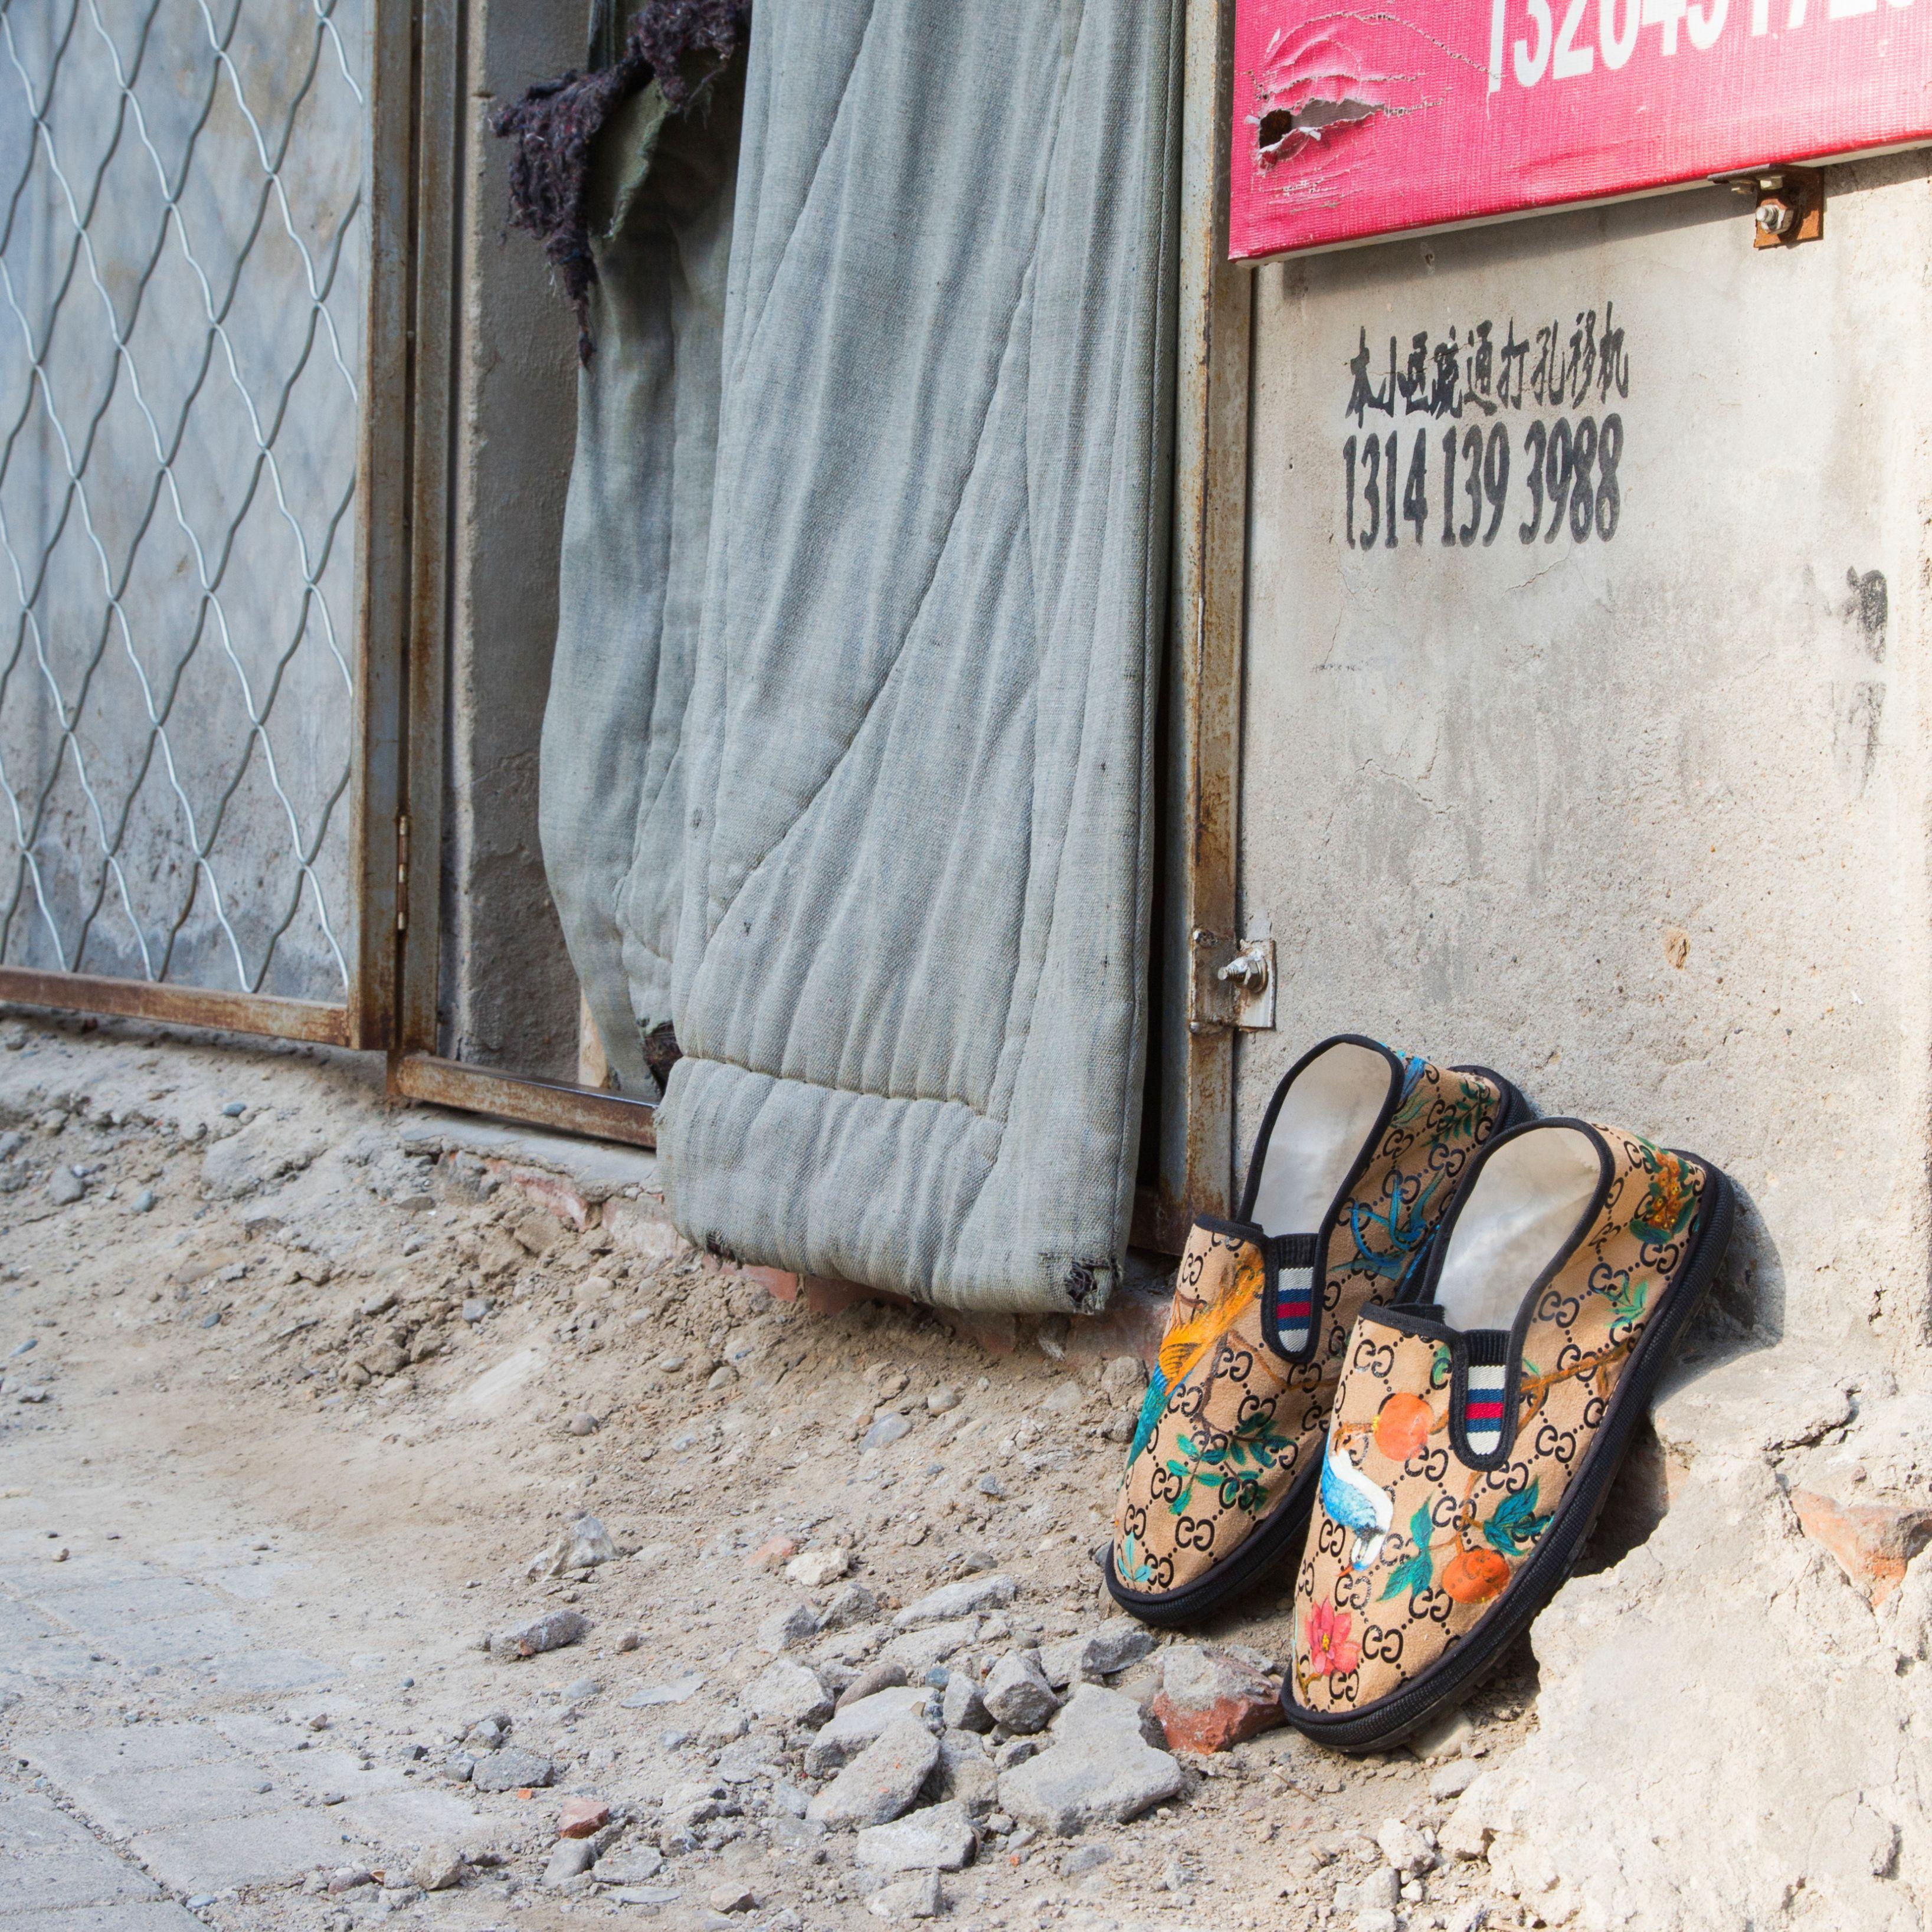 <p>Un paio di slipper Tian (create da lei stessa) in un contesto urbano decadente, per l'artista Cao Fei che cerca, nella sua opera, di evocare il contrasto tra le antiche raffigurazioni artistiche di uccelli e fiori e la Cina industrializzata contemporanea. </p>